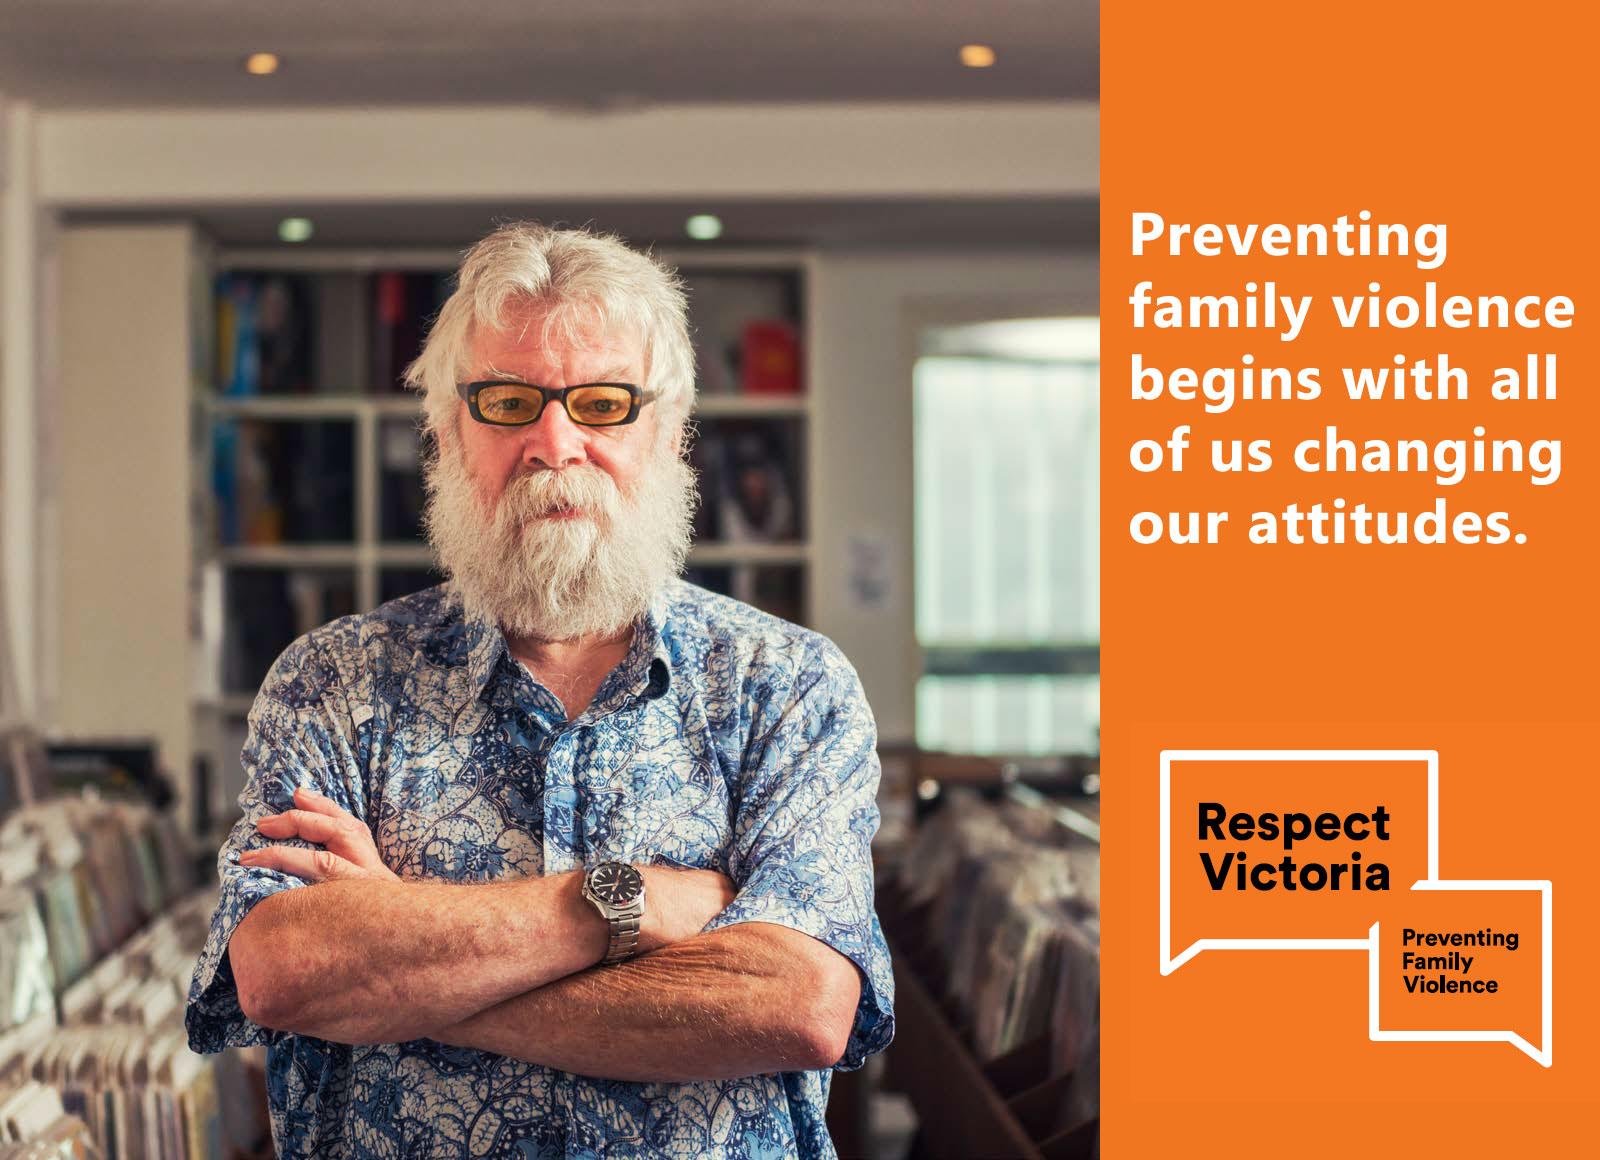 16 Days of Activism Against Gender-Based Violence - Day 3